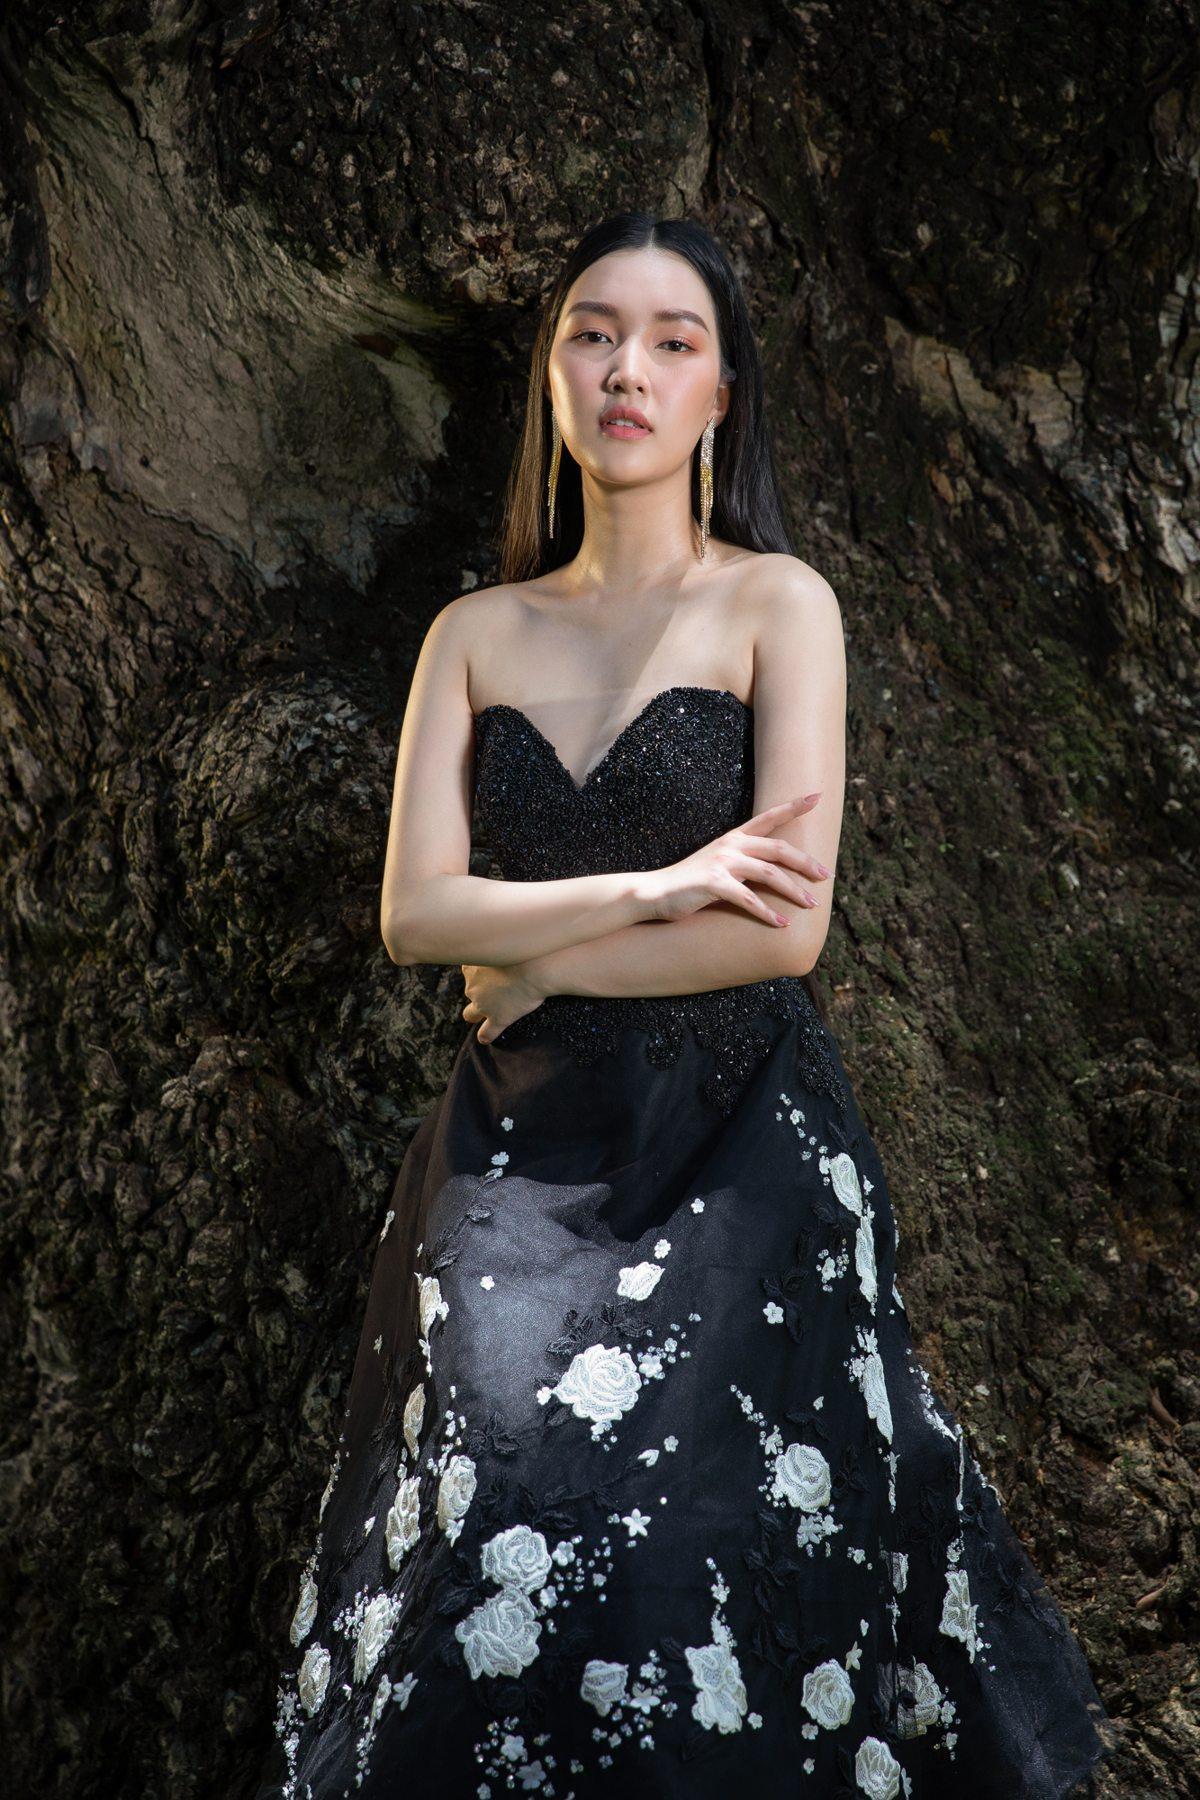 'Nàng thơ xứ Huế' Ngọc Trân cuốn hút với nét mơ màng trong loạt váy áo e ấp Ảnh 15